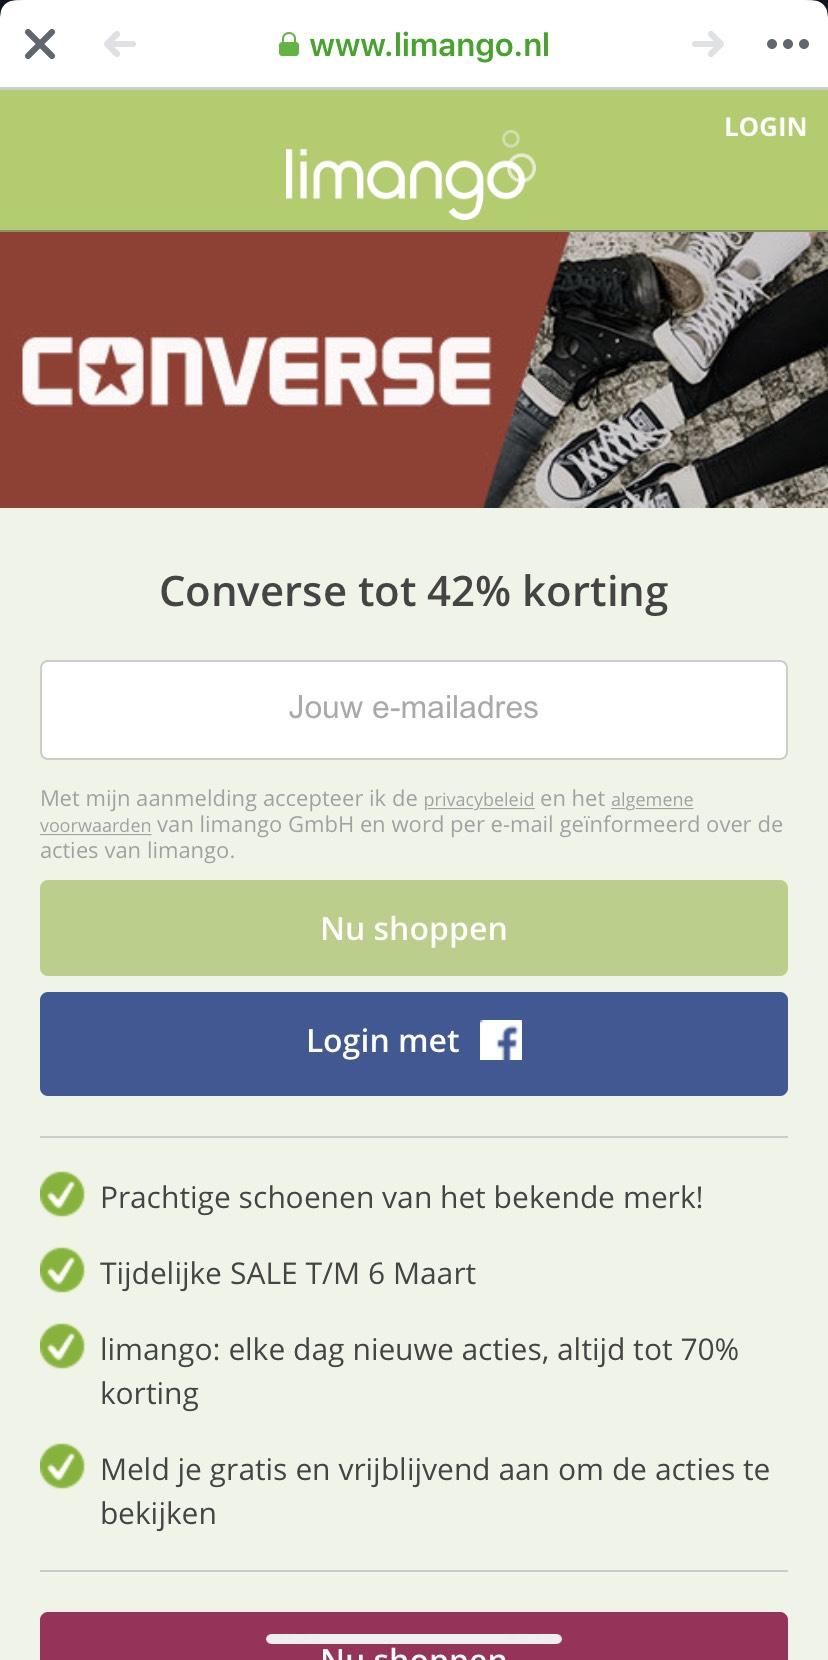 42% korting op Converse